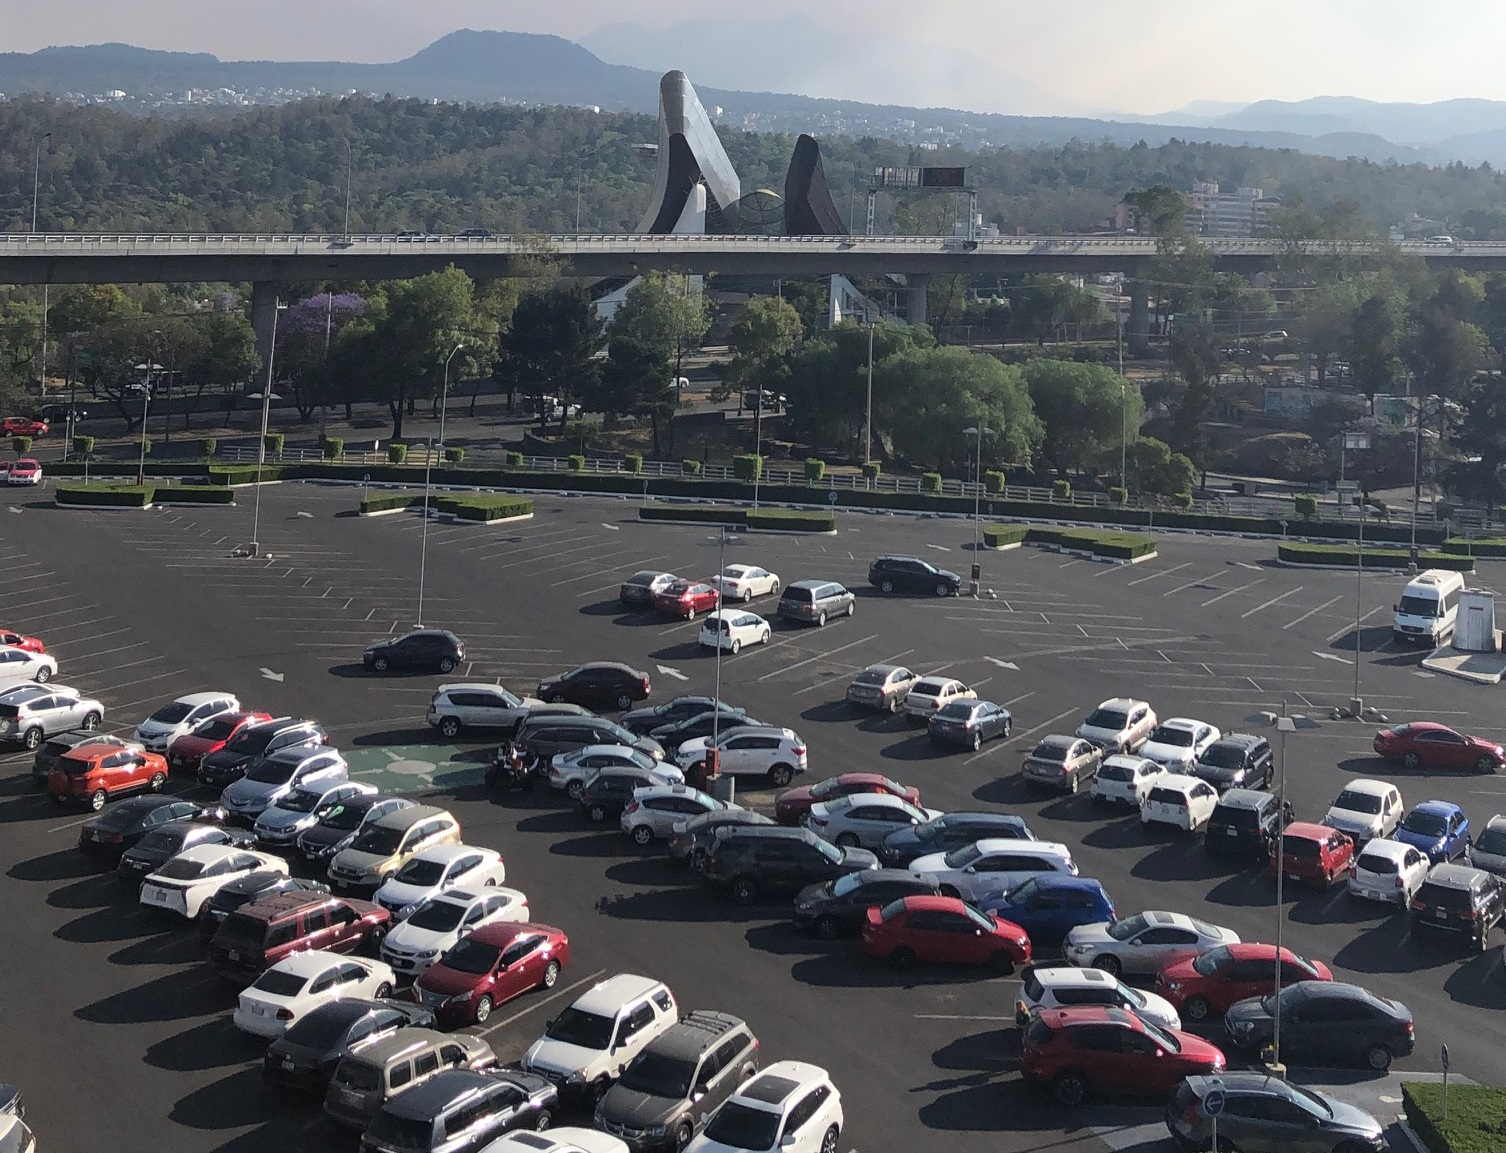 foto Estacionamiento gratis, propuesta de Morena en el Senado 23 abril 2019